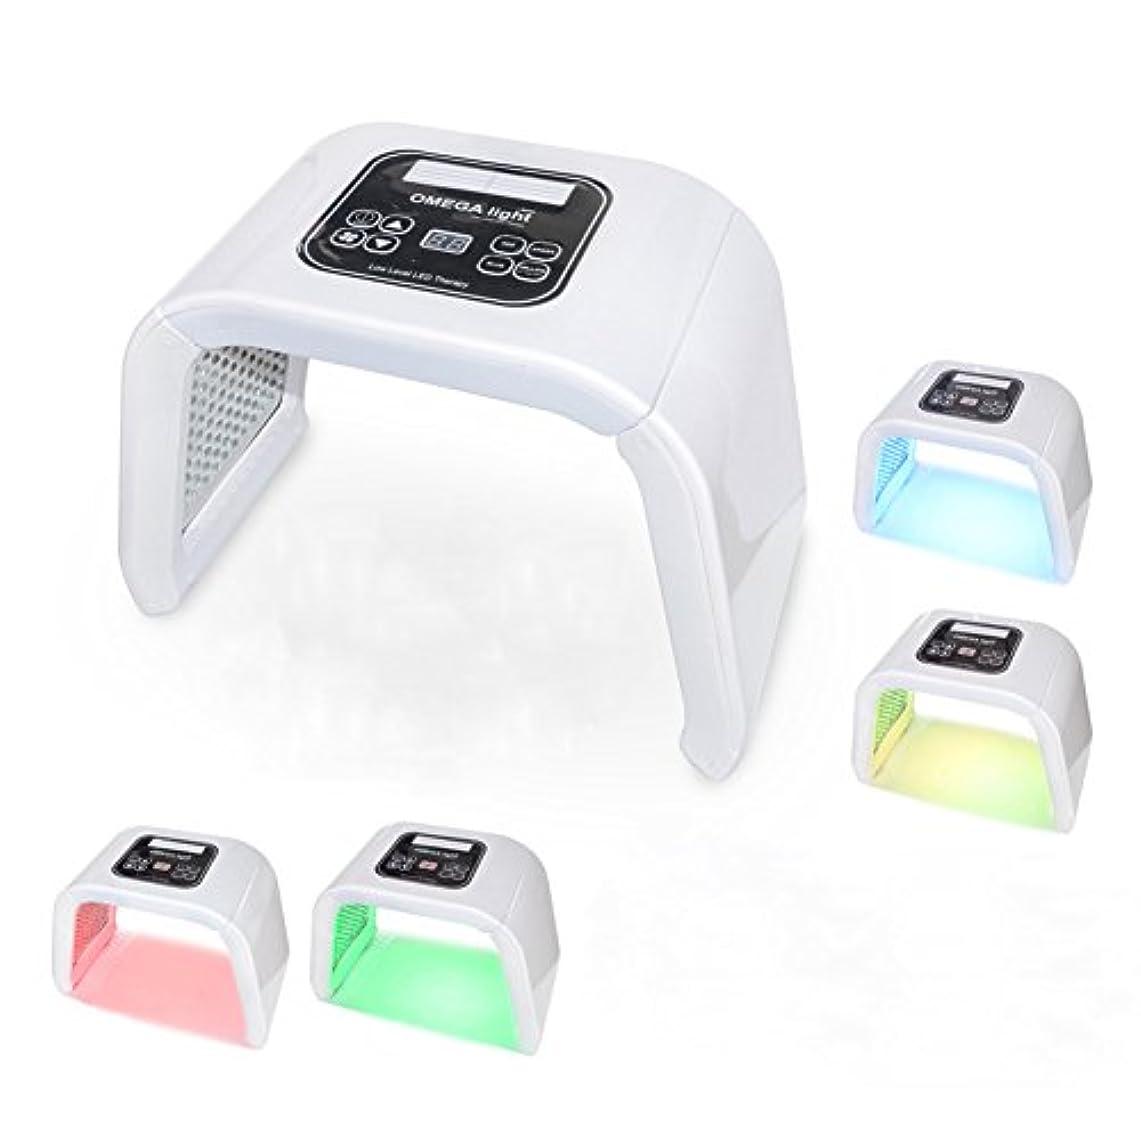 うがい捕虜行動にきびの皮の若返りの美装置を白くする光子療法機械LED 4色,White